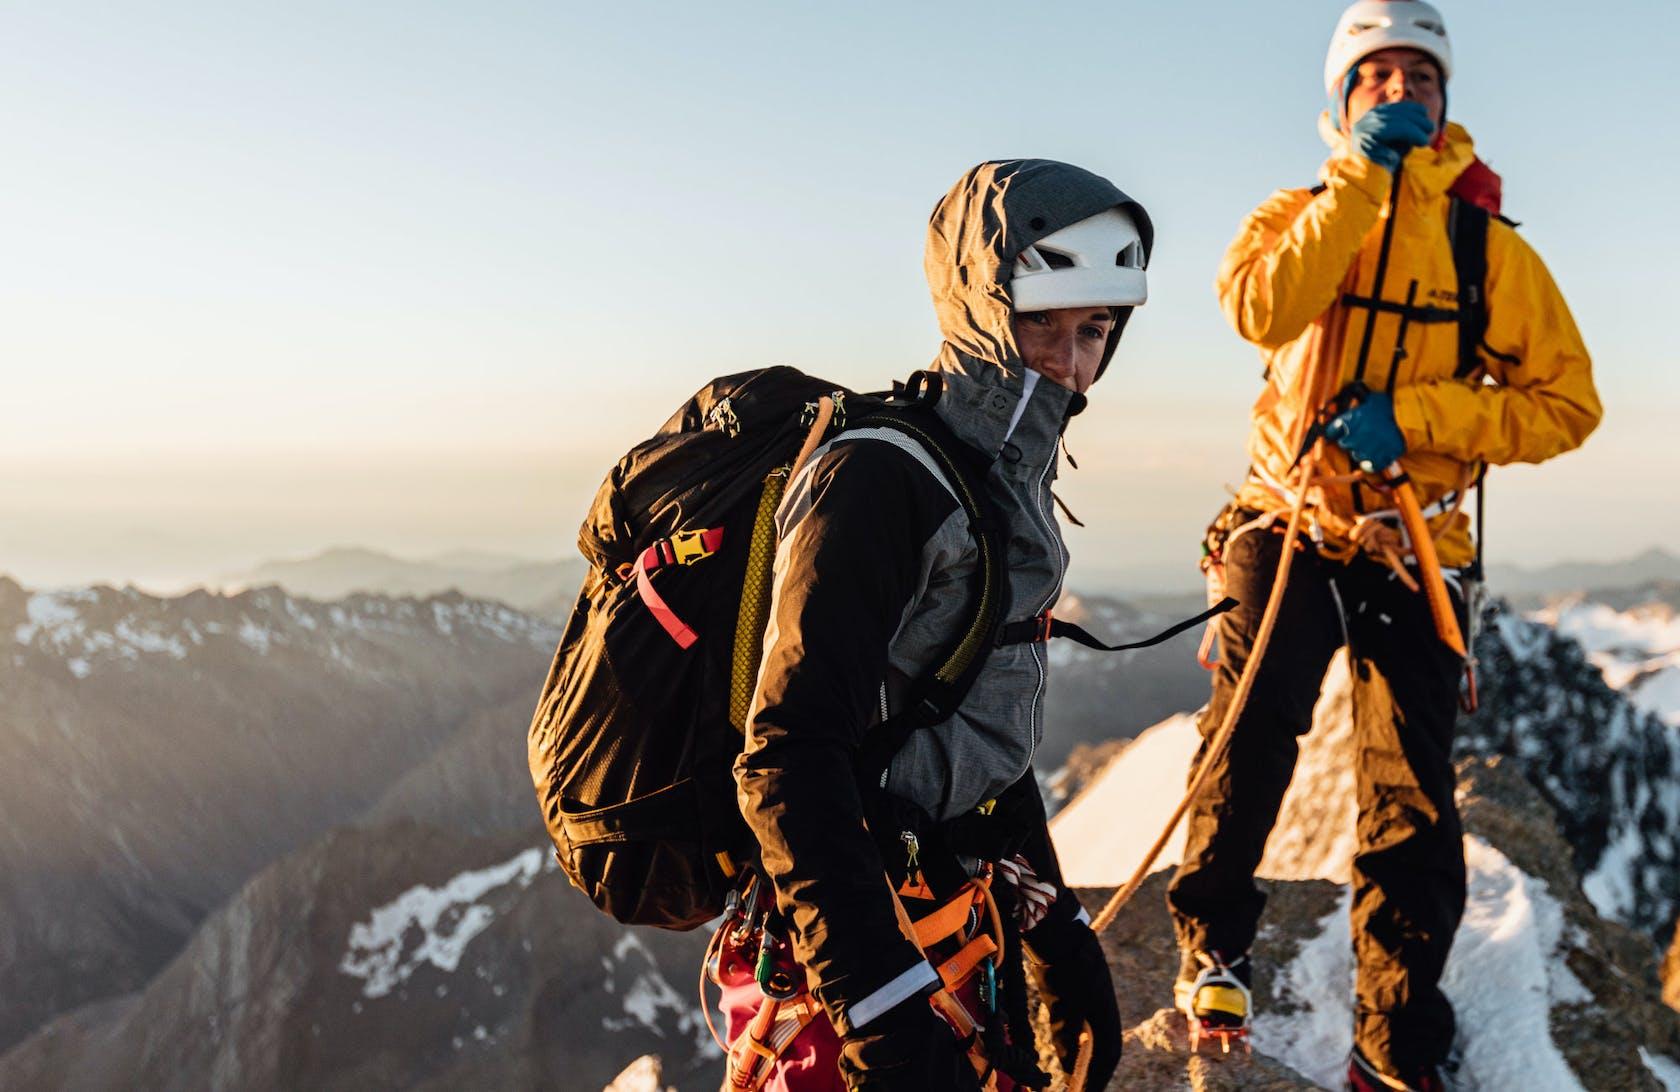 Attrezzatura alpinismo d' alta quota